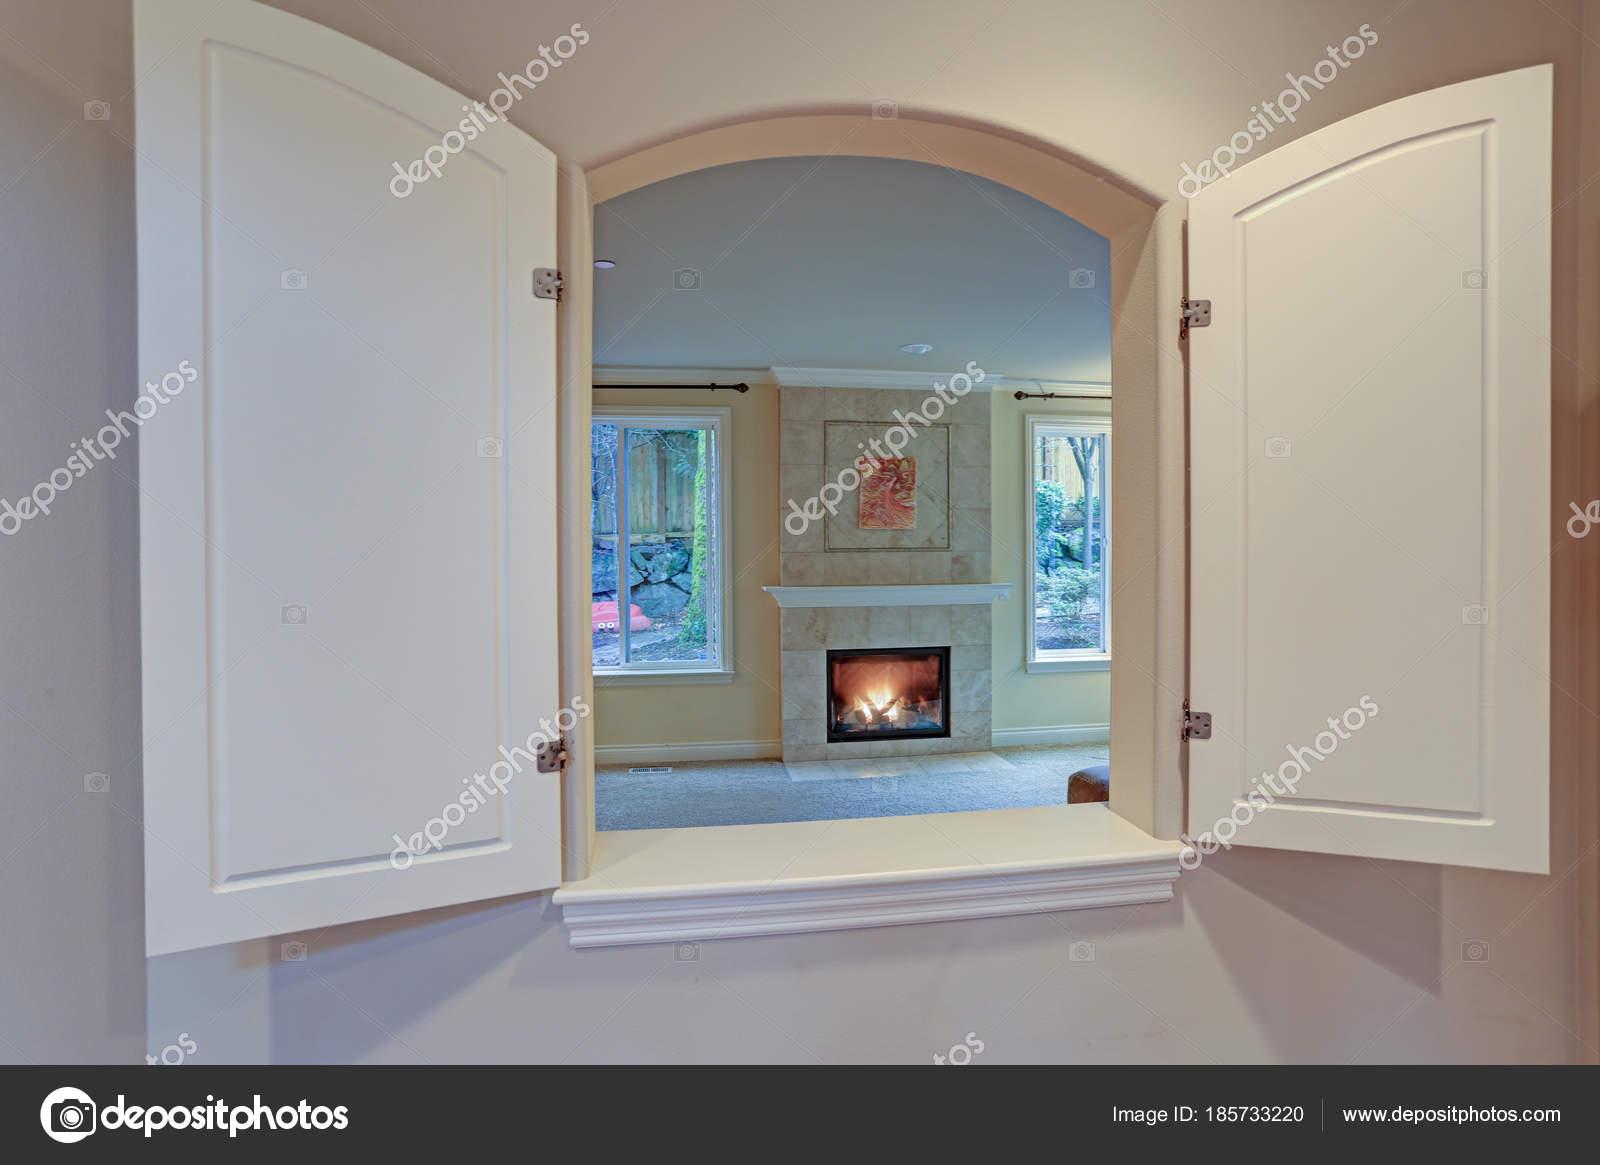 Cucina passa attraverso la finestra si apre su un soggiorno u2014 foto